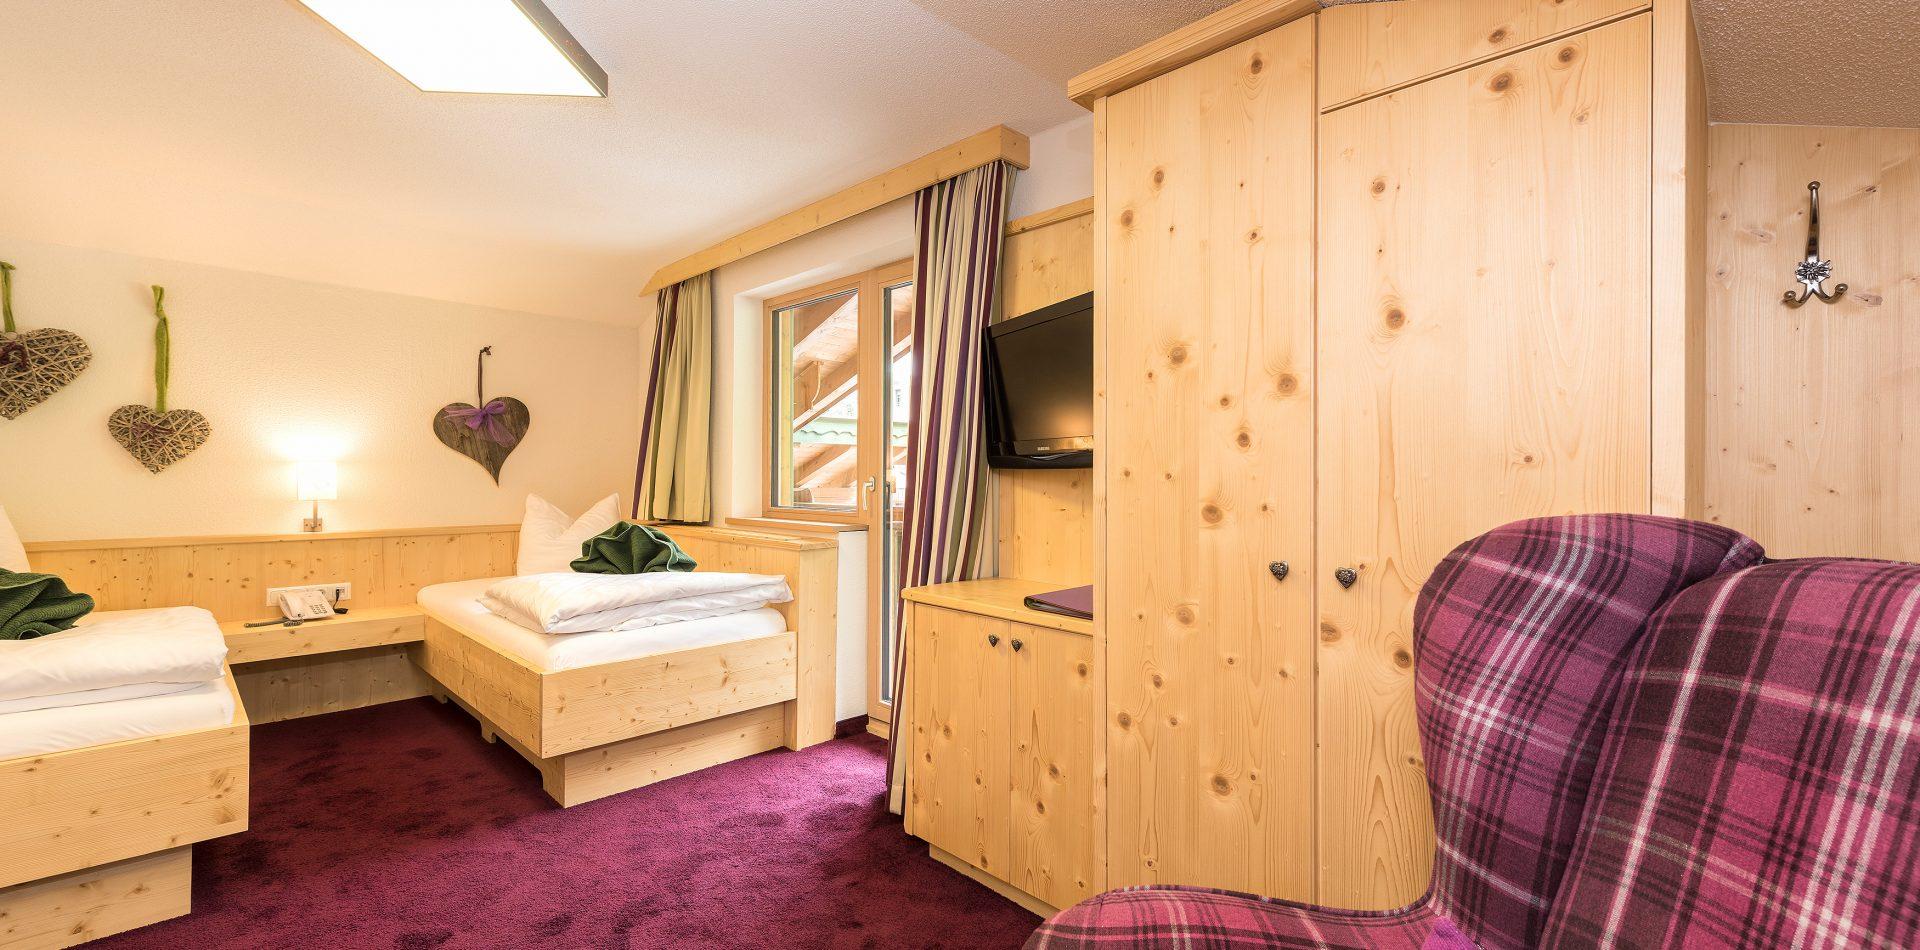 Zwei Einzelbetten oder Zweibett-Zimmer in der Natur-Kuschelkammer Juchee